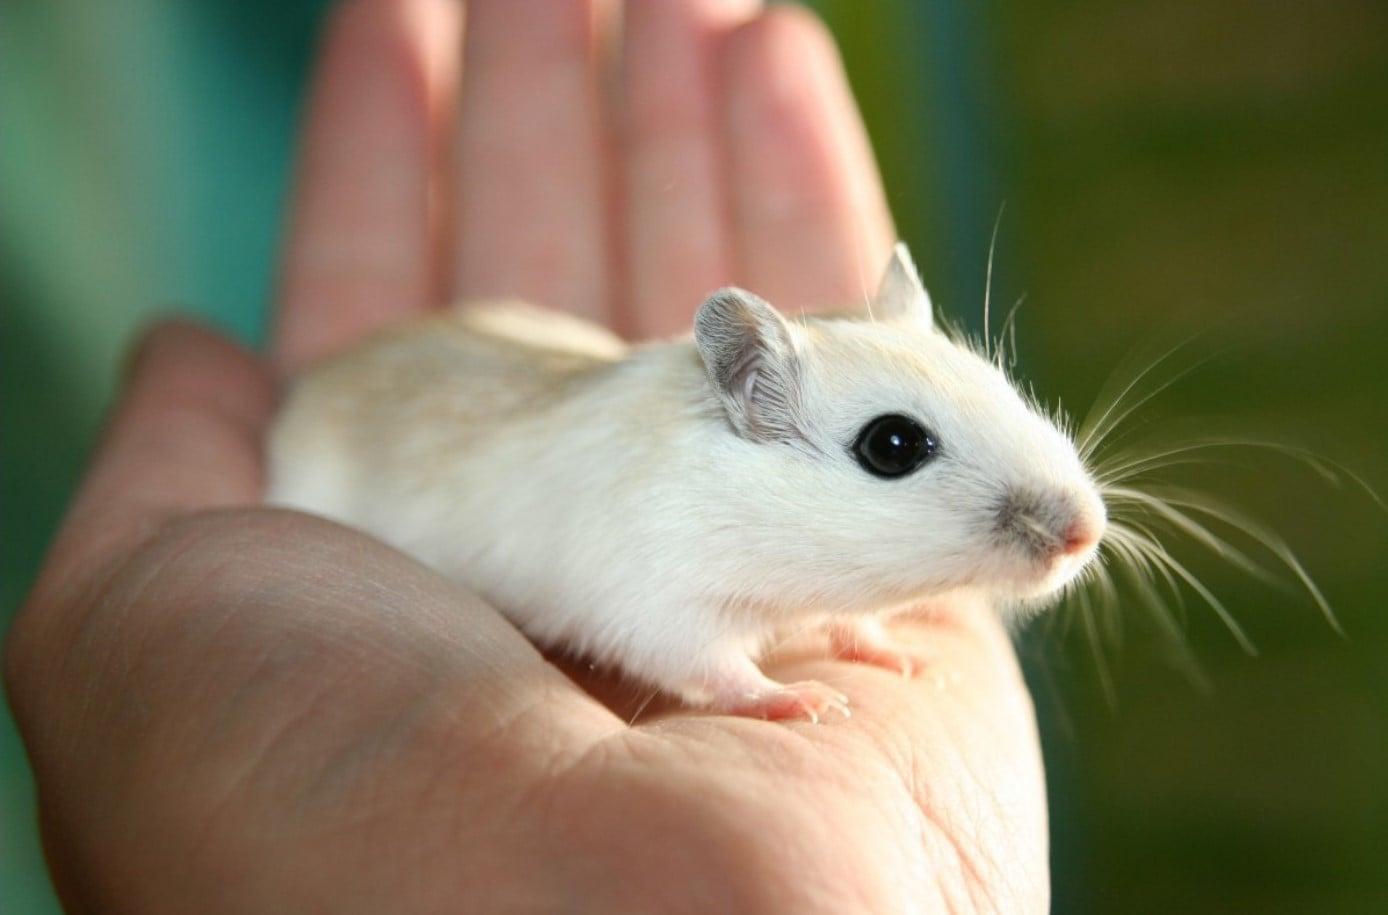 NASA wysłała myszy w kosmos. Wyniki eksperymentu są niezamierzenie zabawne 15